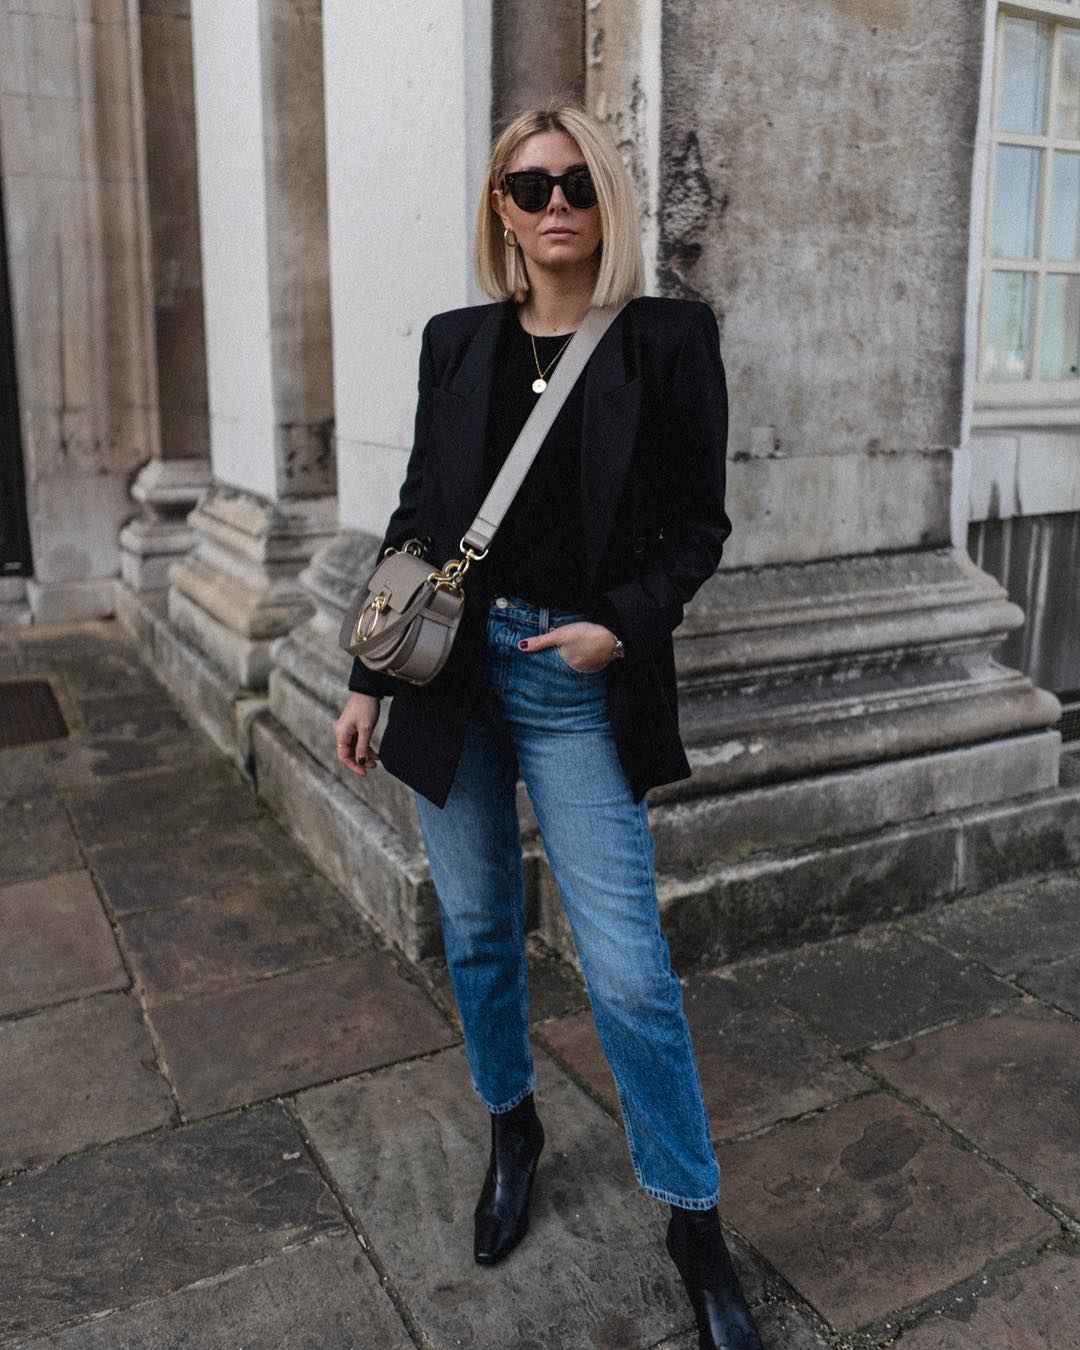 Деловой стиль 2019-2020 с джинсами фото идеи_5